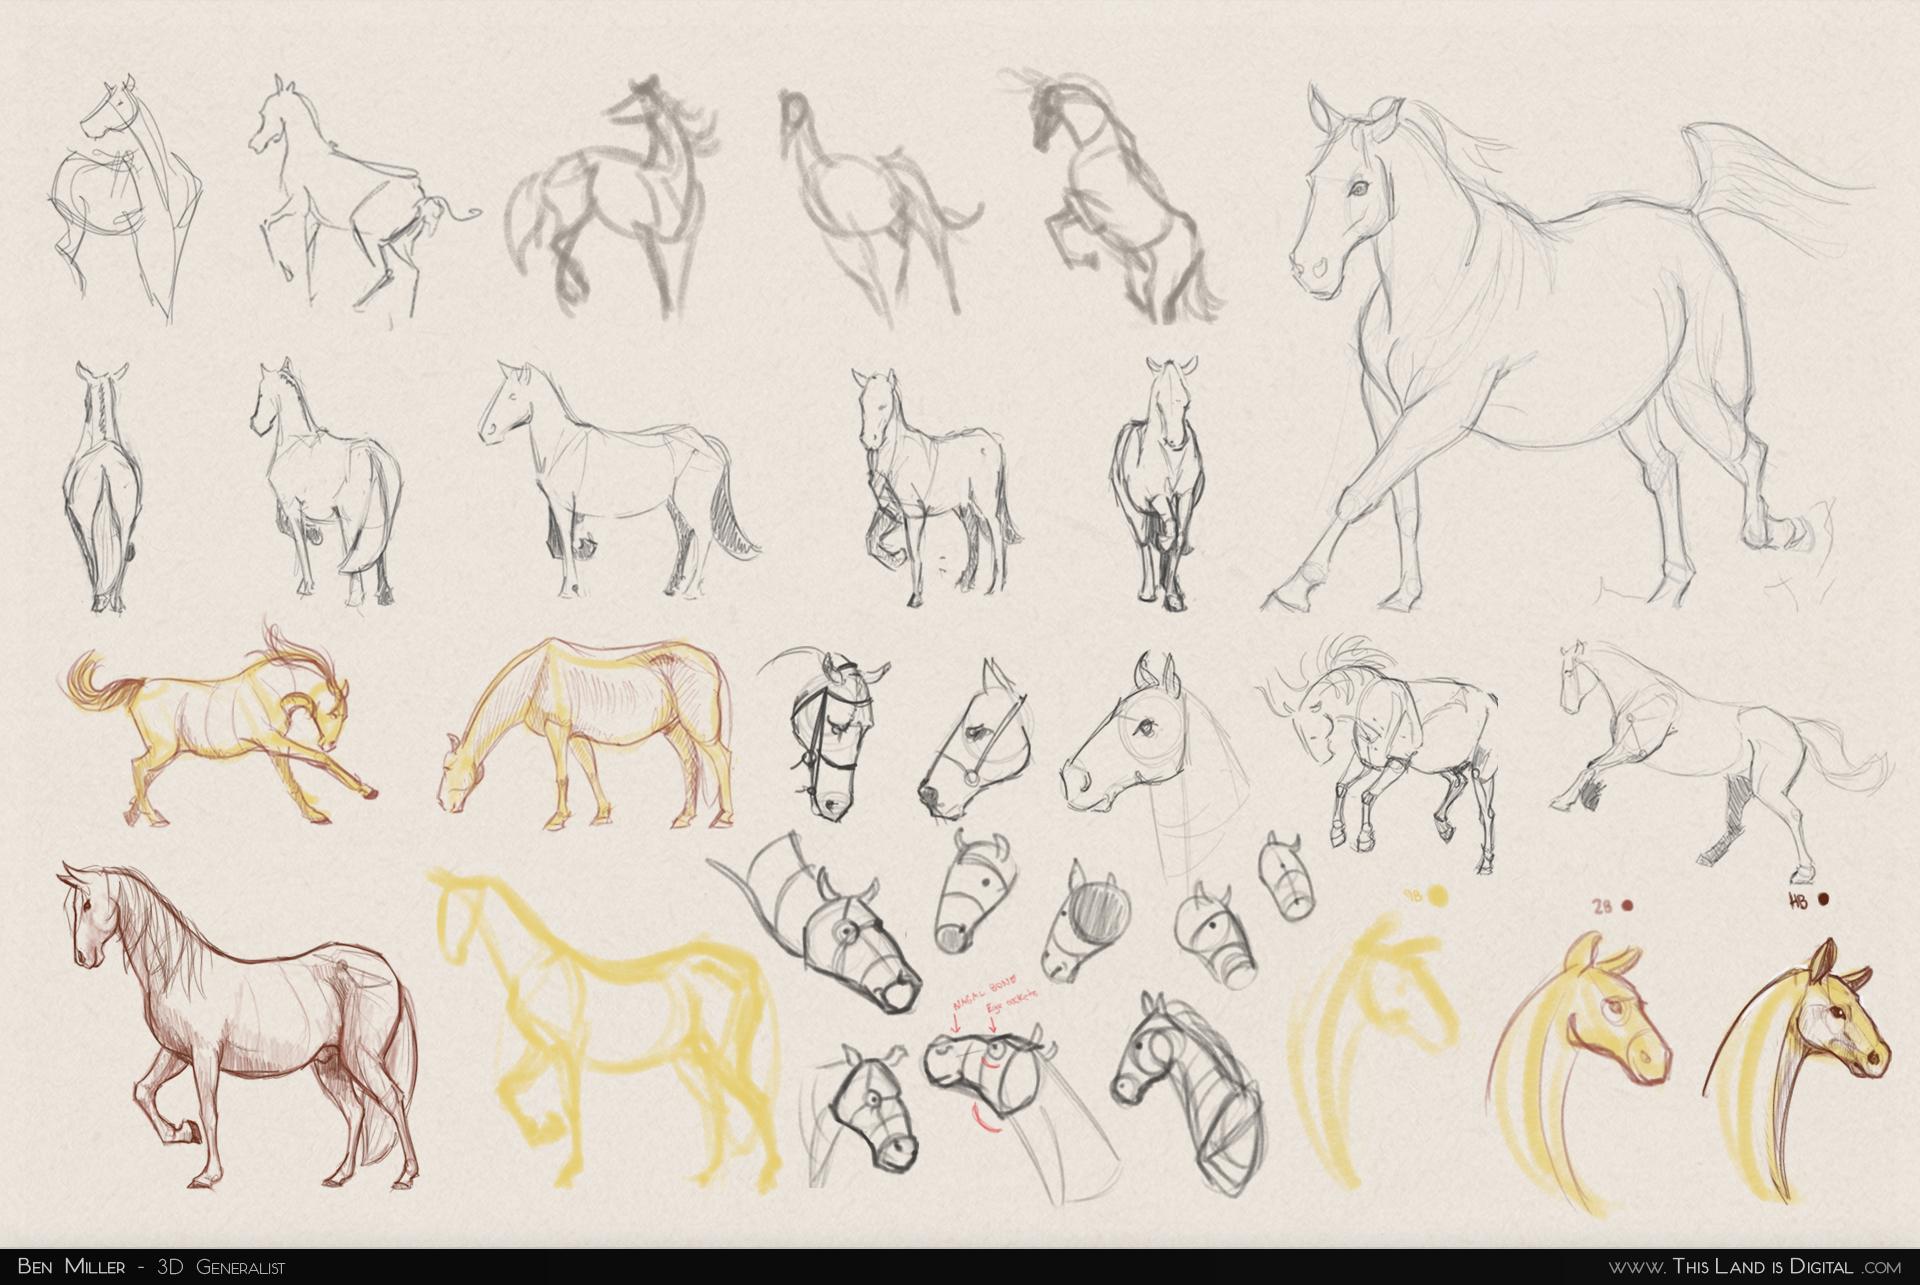 TLiD_WeddingSculpture-Sketches_03-Gestures.jpg